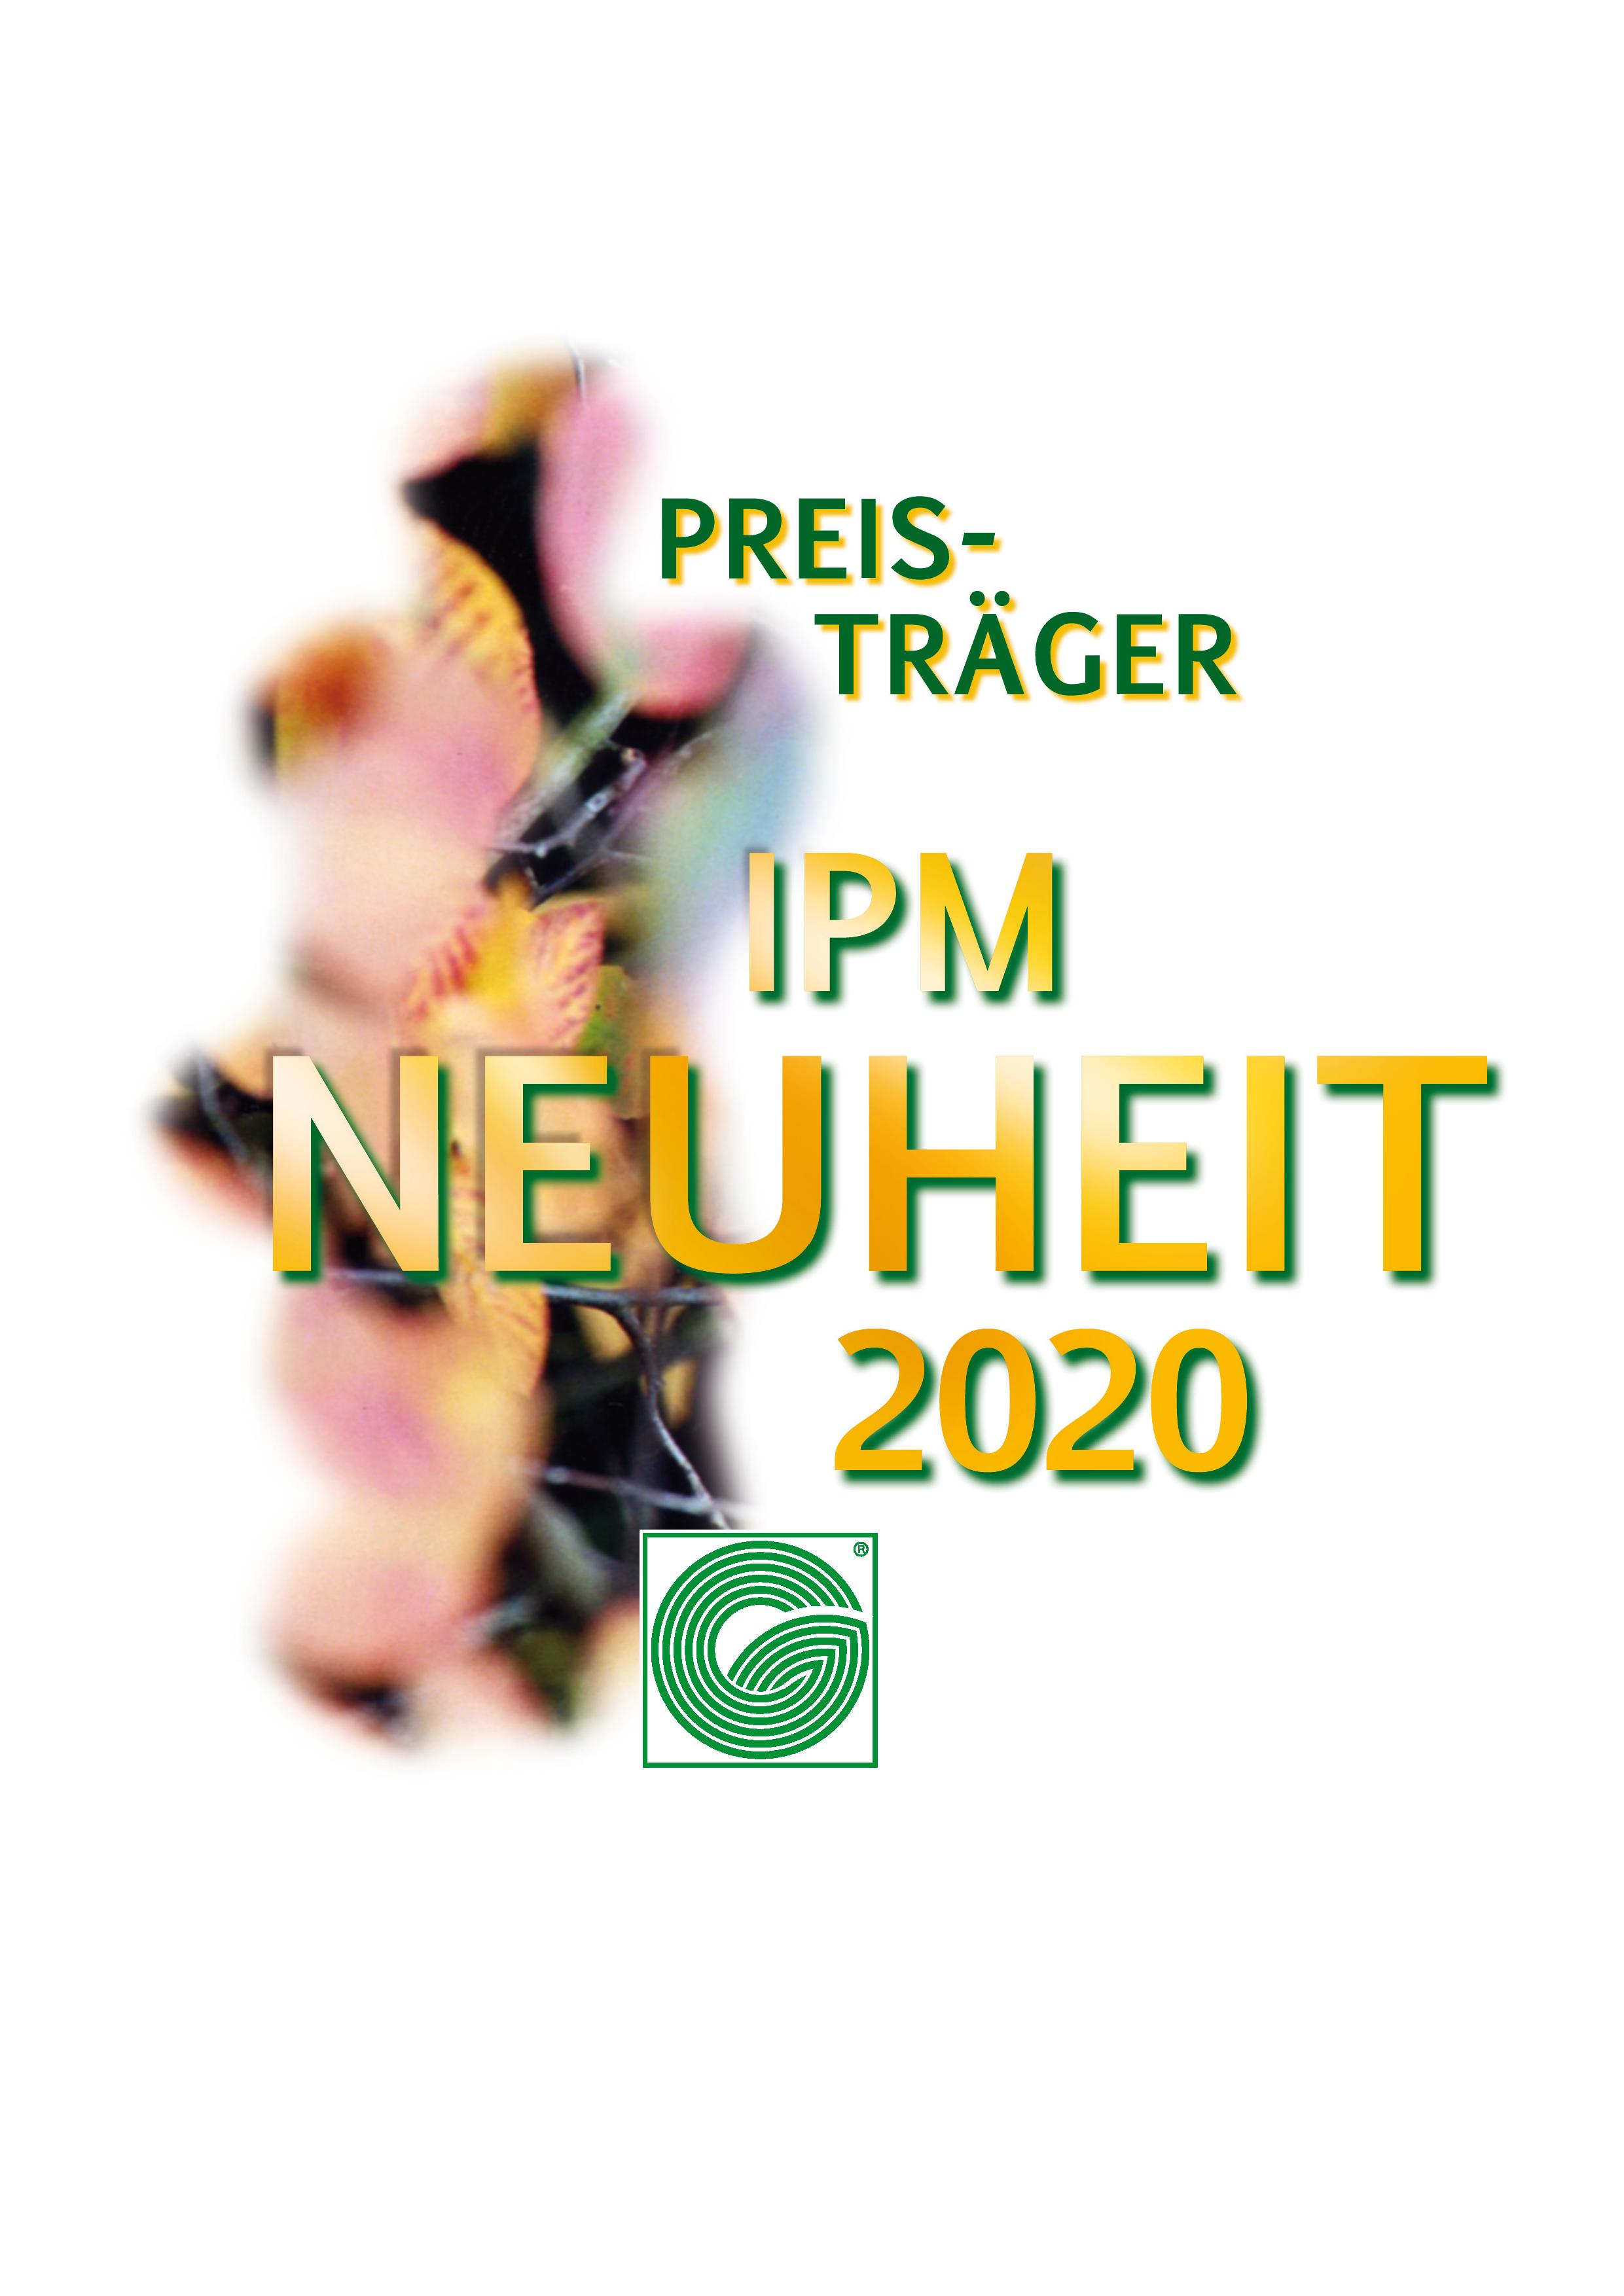 IPM Neuheit 2020